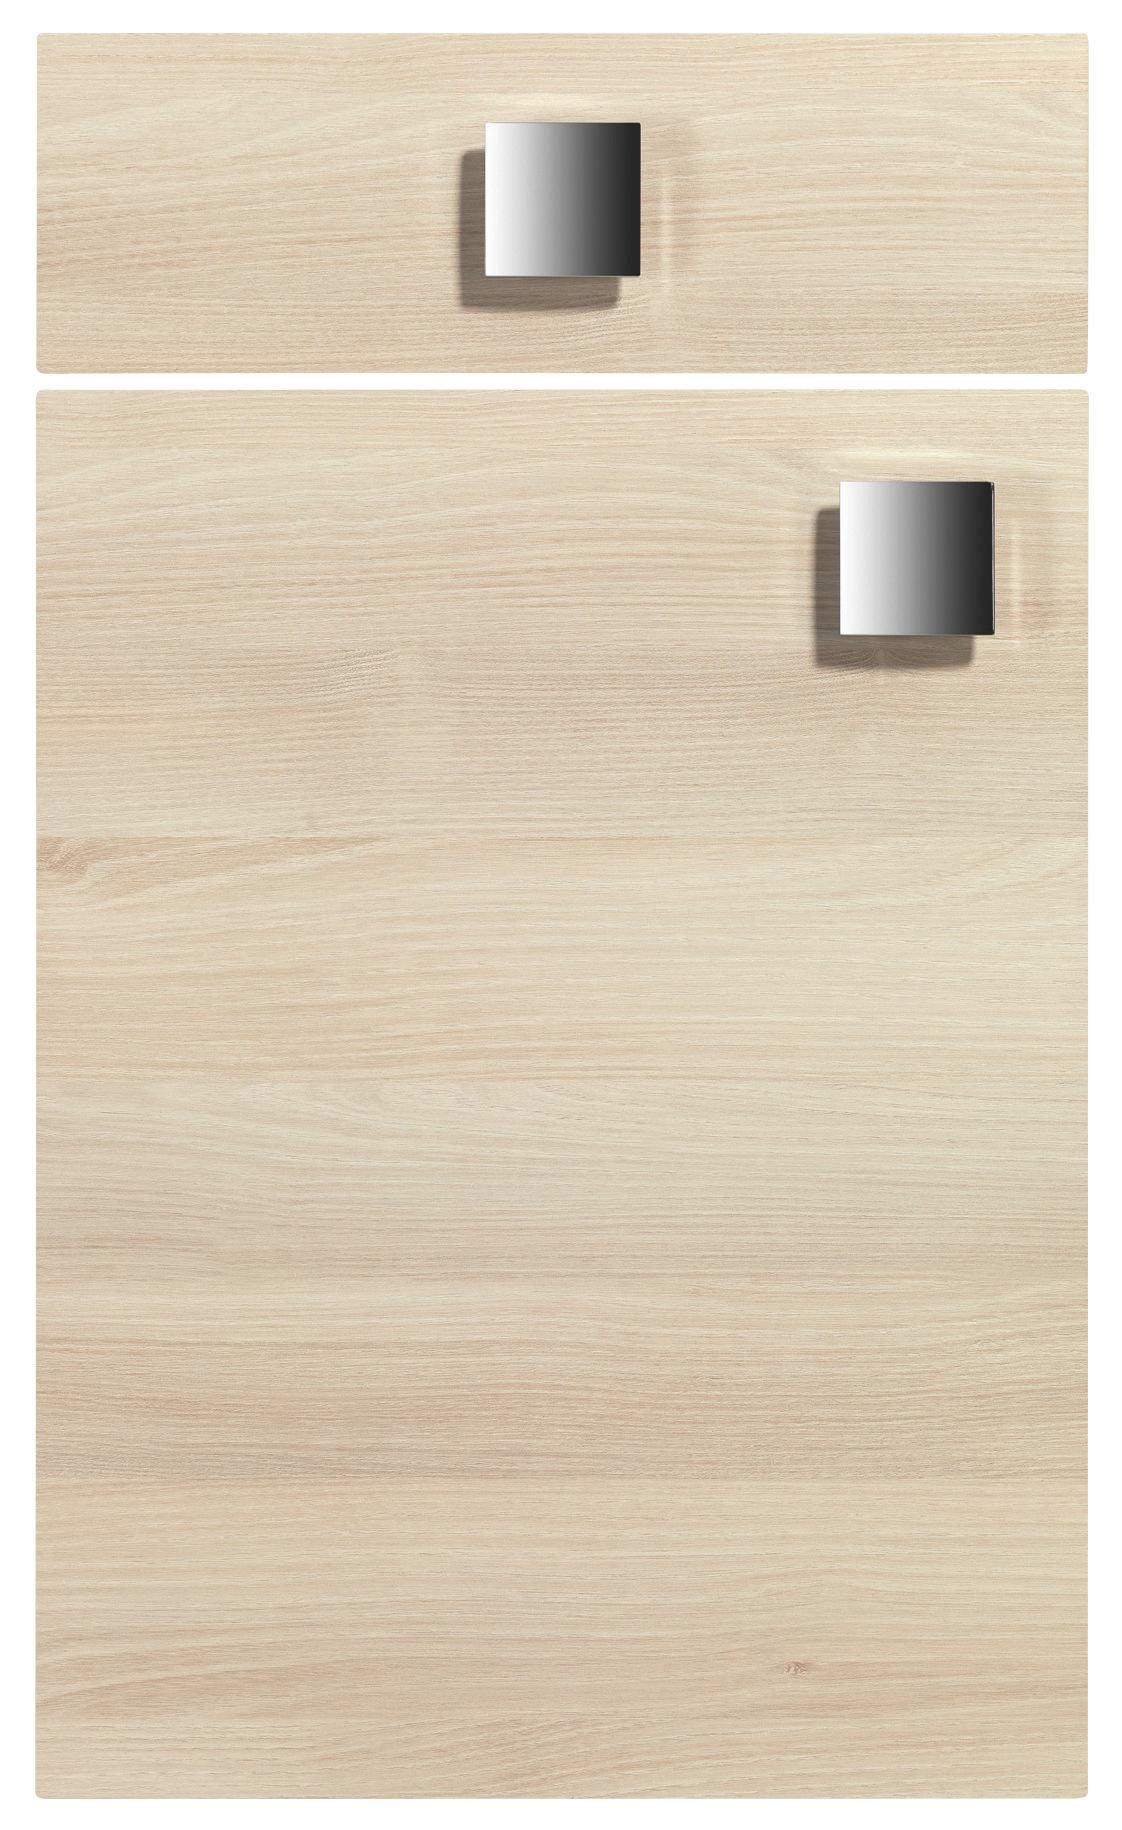 EINBAUKÜCHE - Silbereichenfarben, Design - NOLTE KÜCHEN